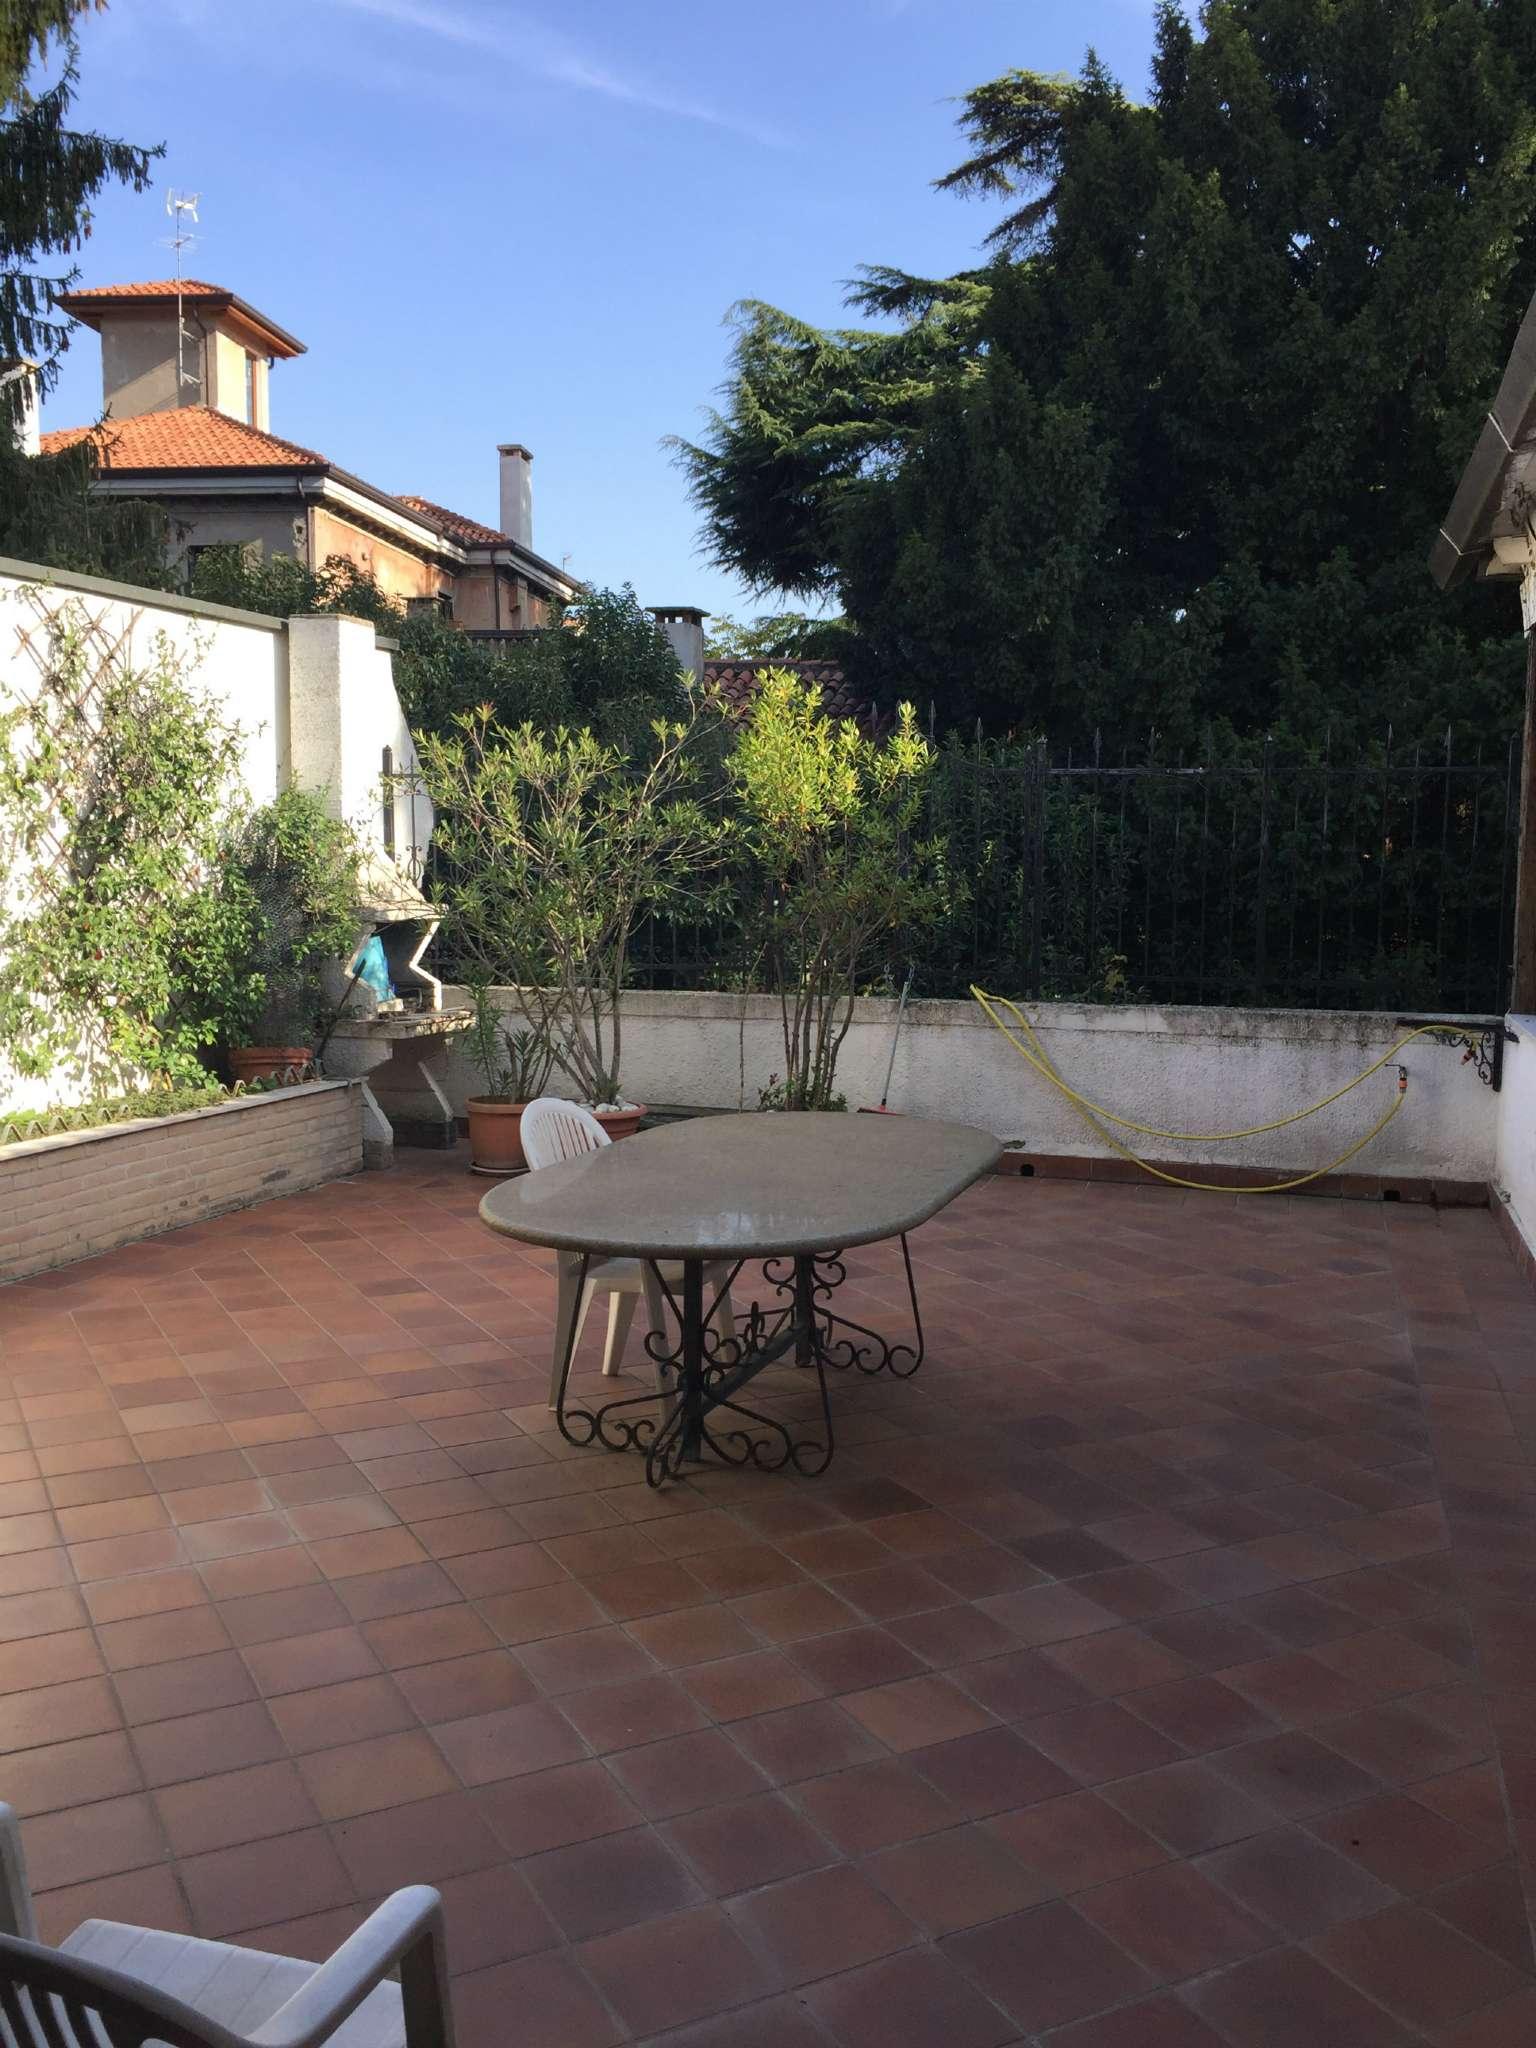 Palazzo / Stabile in vendita a Padova, 8 locali, zona Zona: 1 . Centro, Trattative riservate | Cambio Casa.it